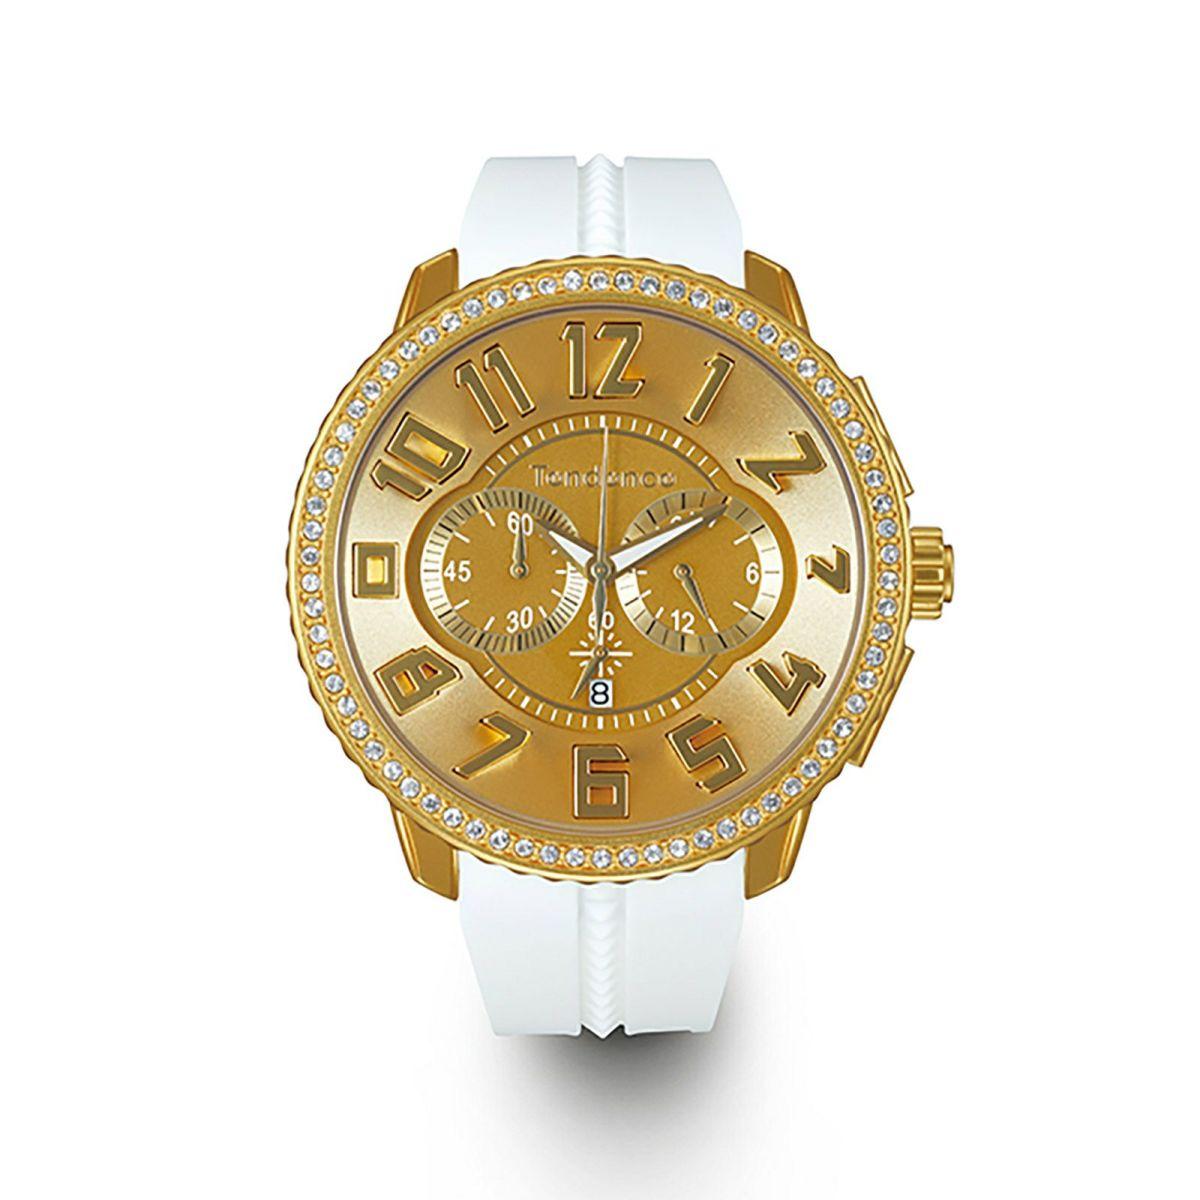 ※【今ならオーバーサイズノートプレゼント】 テンデンス Tendence TY146010 アルテックラグジュアリー クロノグラフ 正規品 腕時計